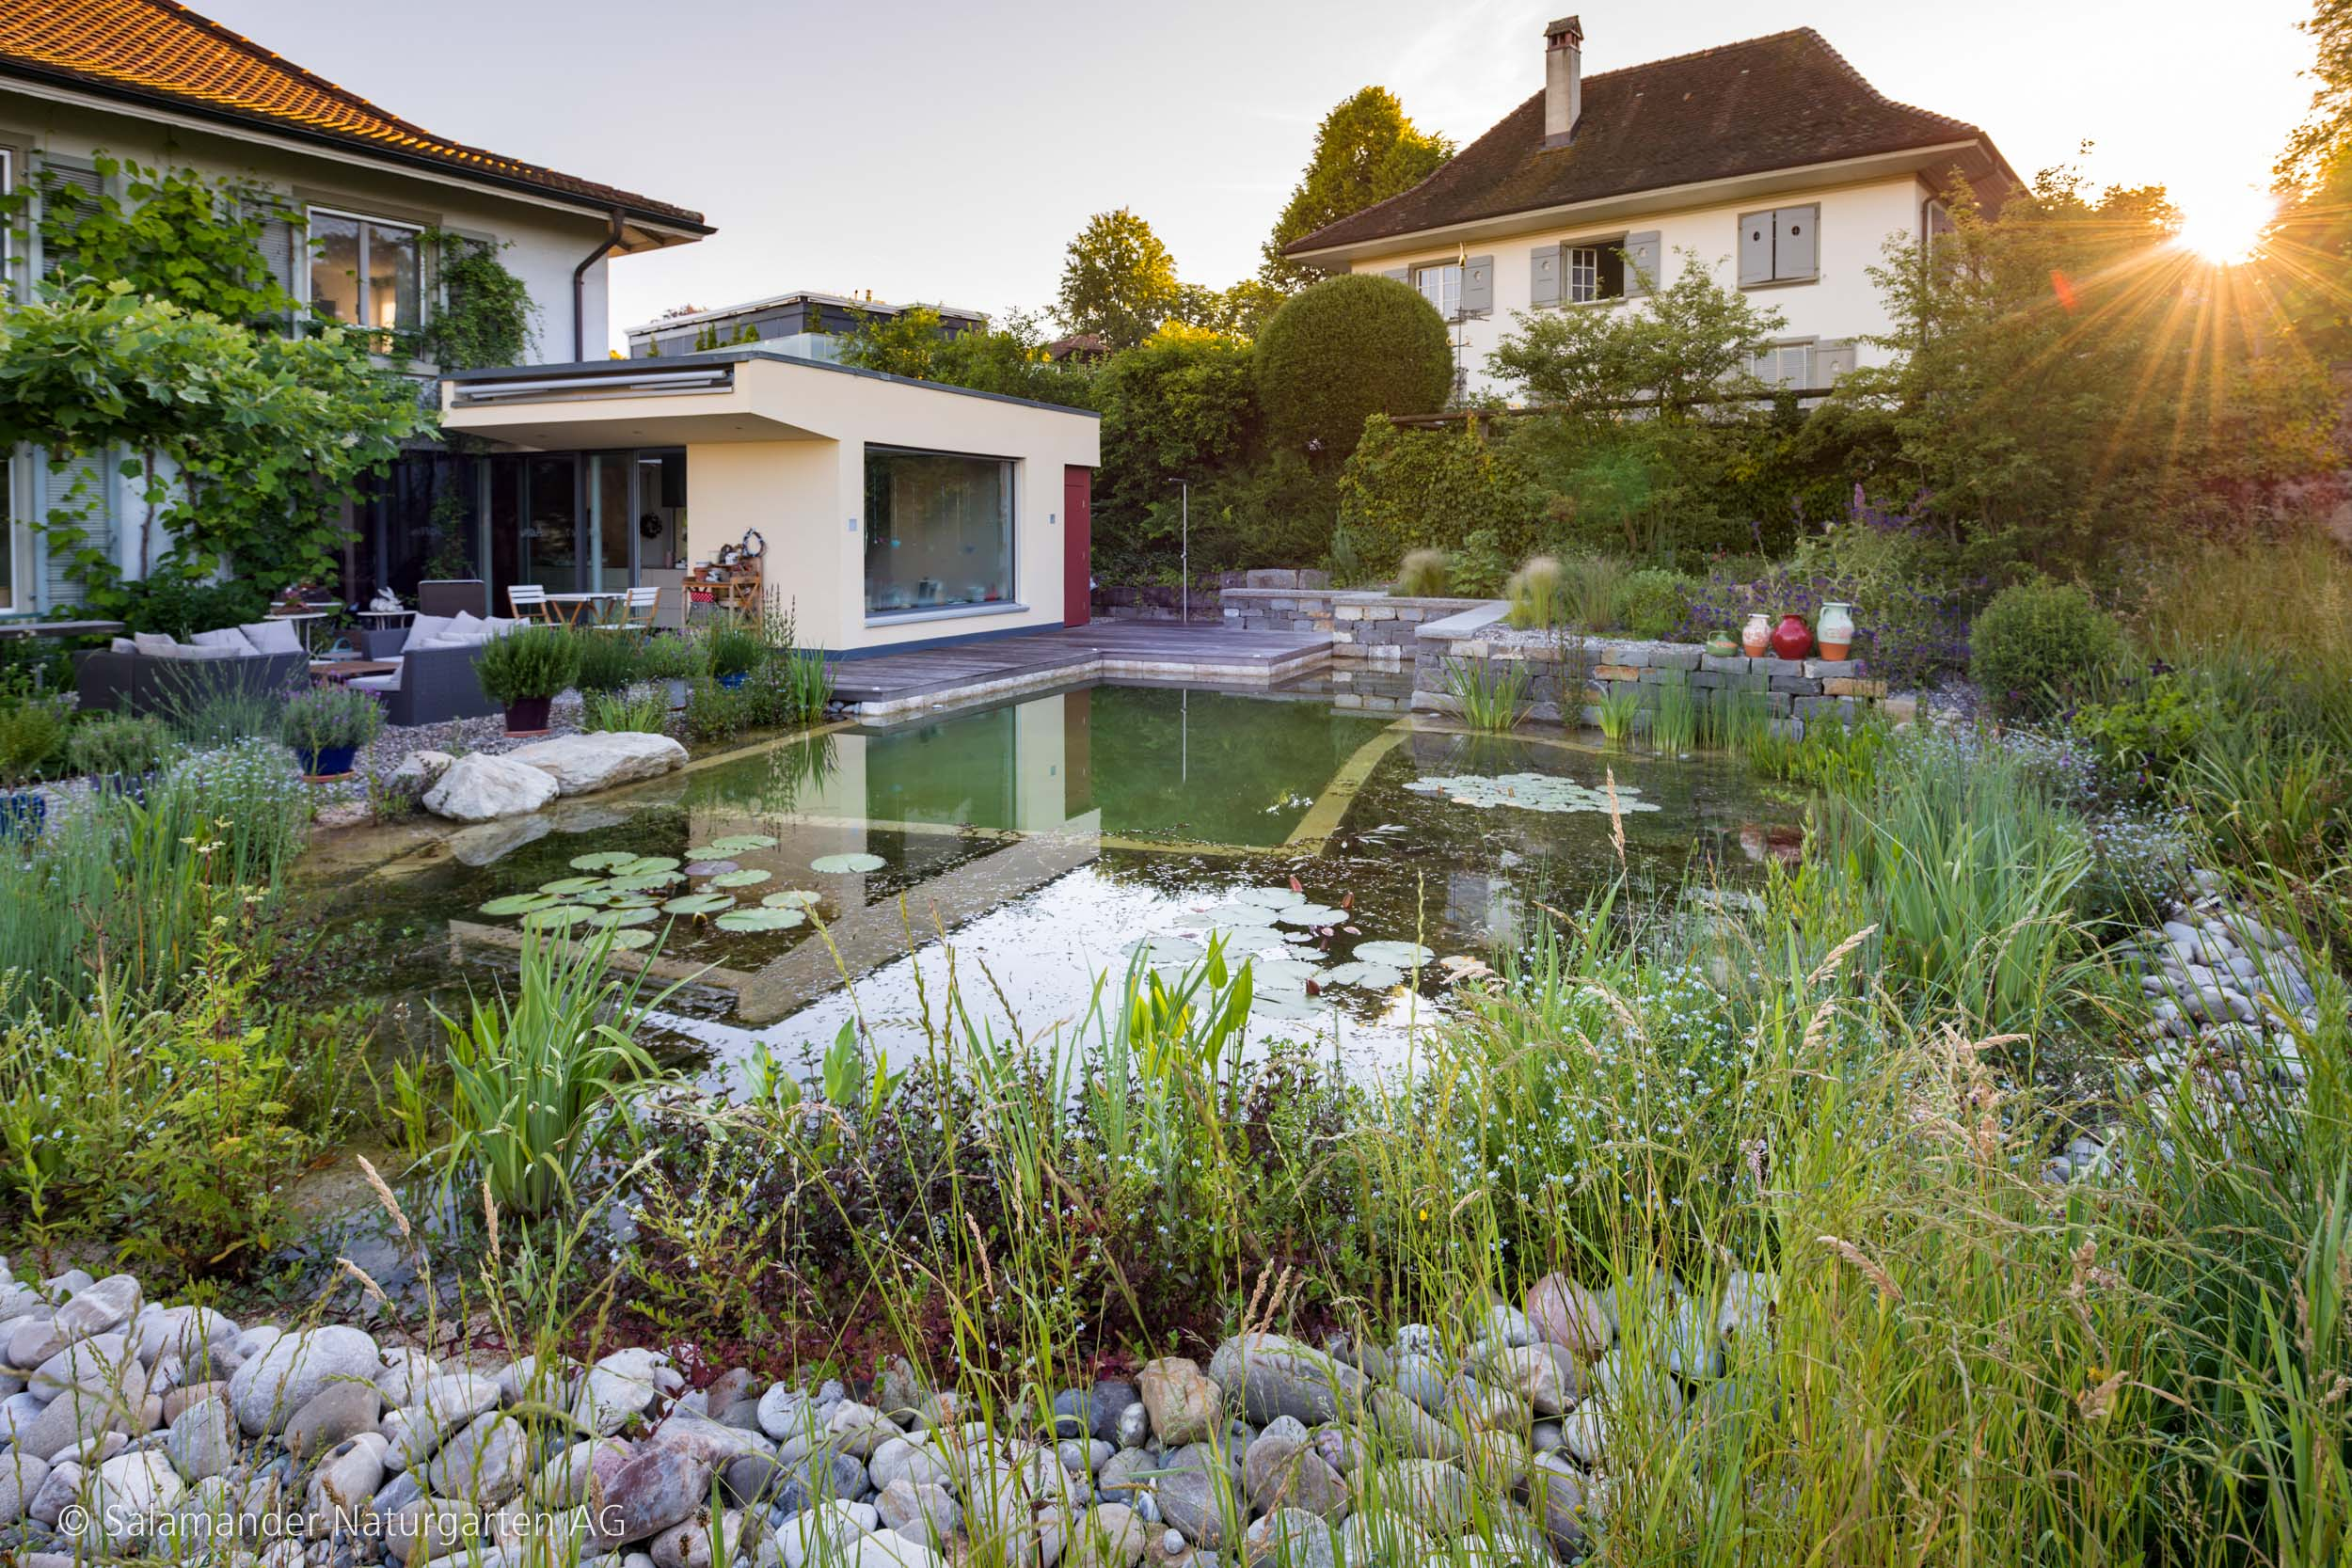 darum ist jeder schwimmteich garten nat rlich individuell salamander naturgarten ag. Black Bedroom Furniture Sets. Home Design Ideas